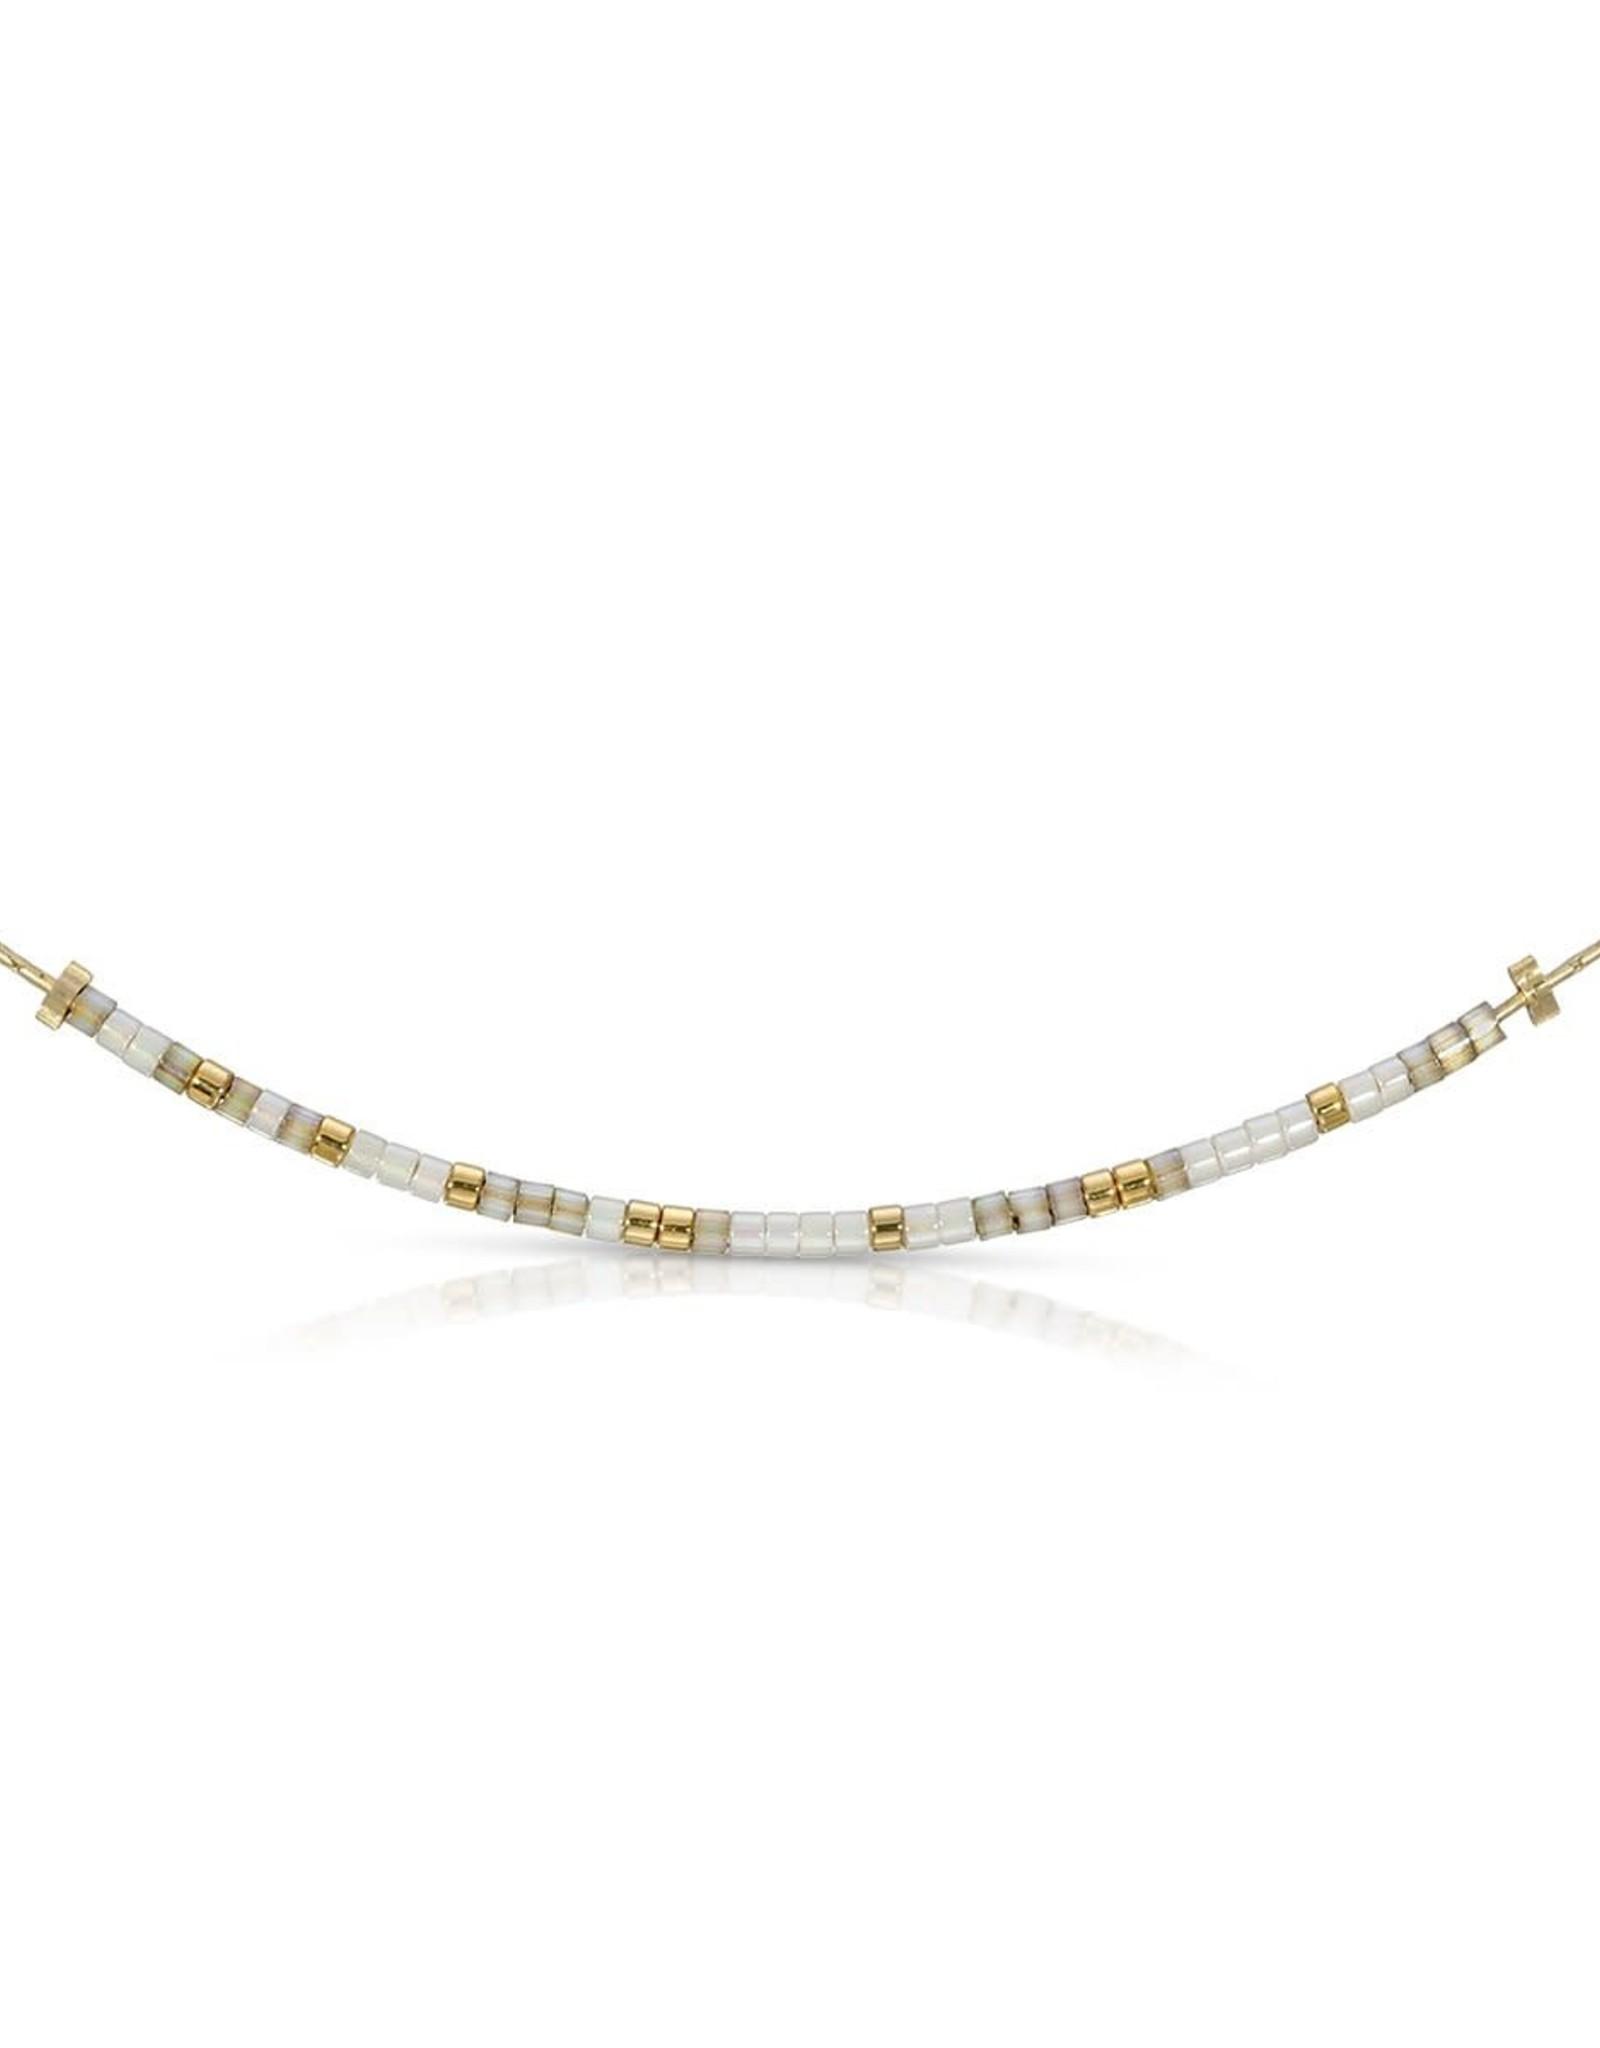 Dot & Dash Design Dot & Dash Necklace Prov 17:17 Gold